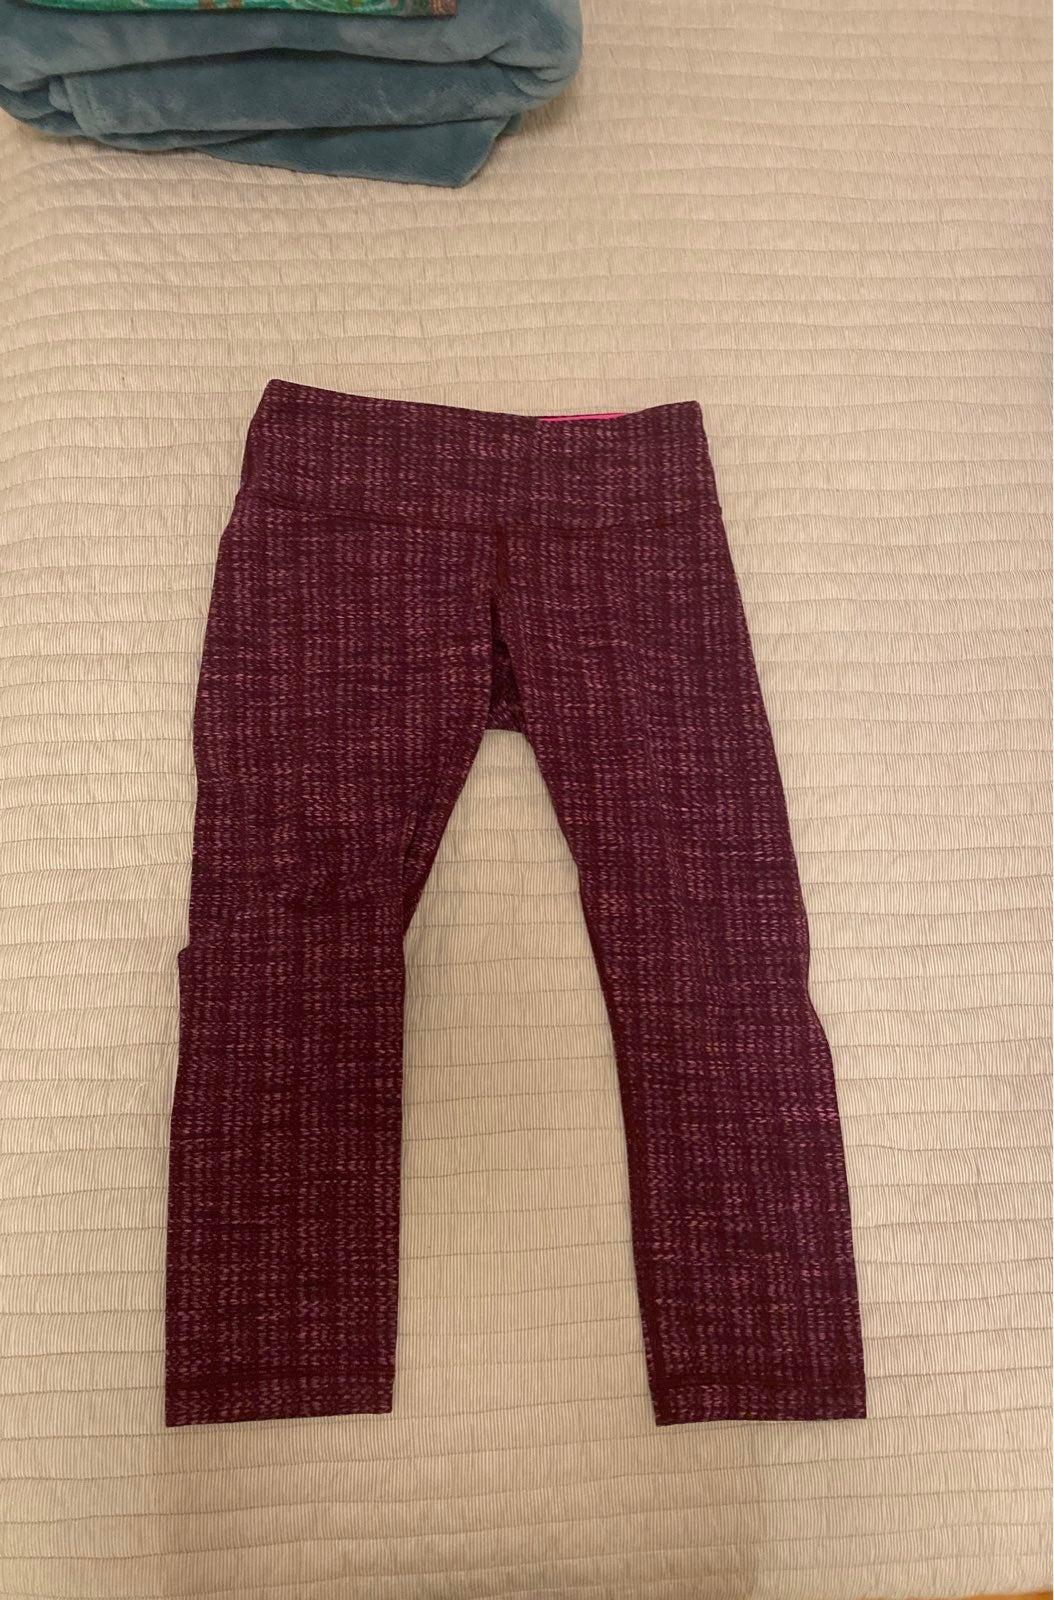 Lululemon size 6 Cropped leggings